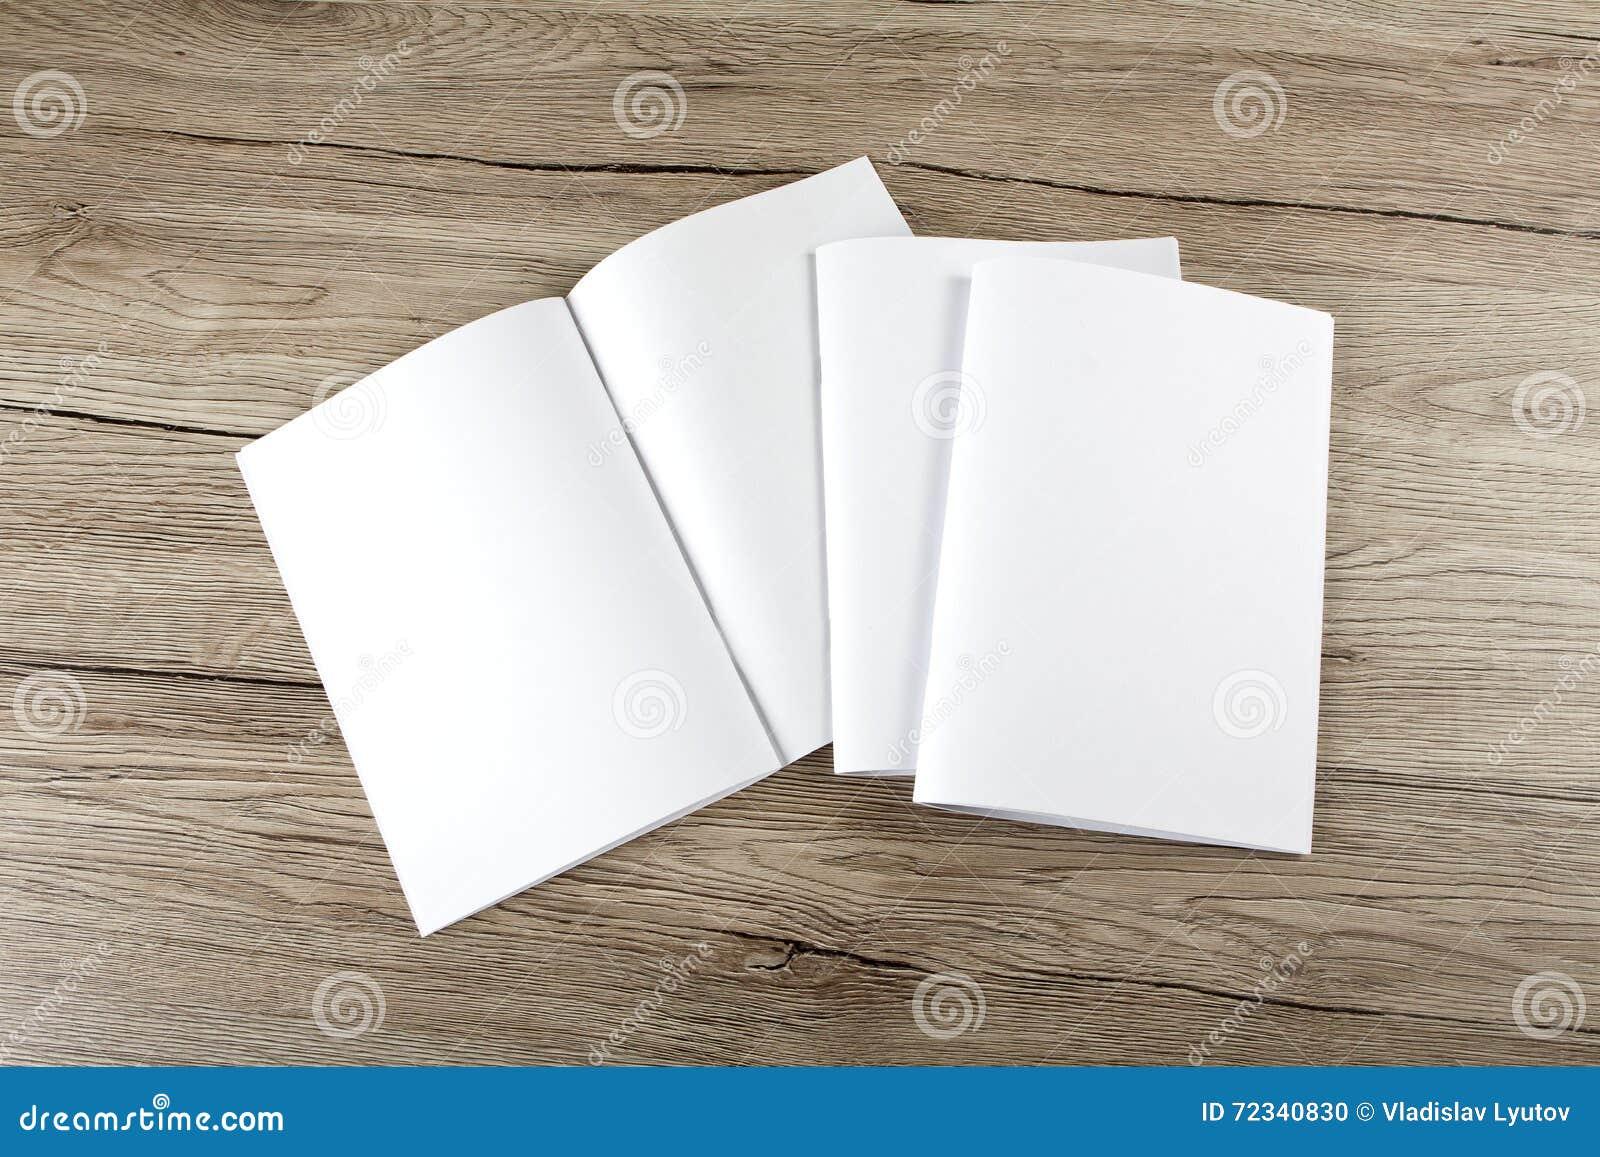 Catalogo in bianco, opuscolo, riviste, libro su fondo di legno